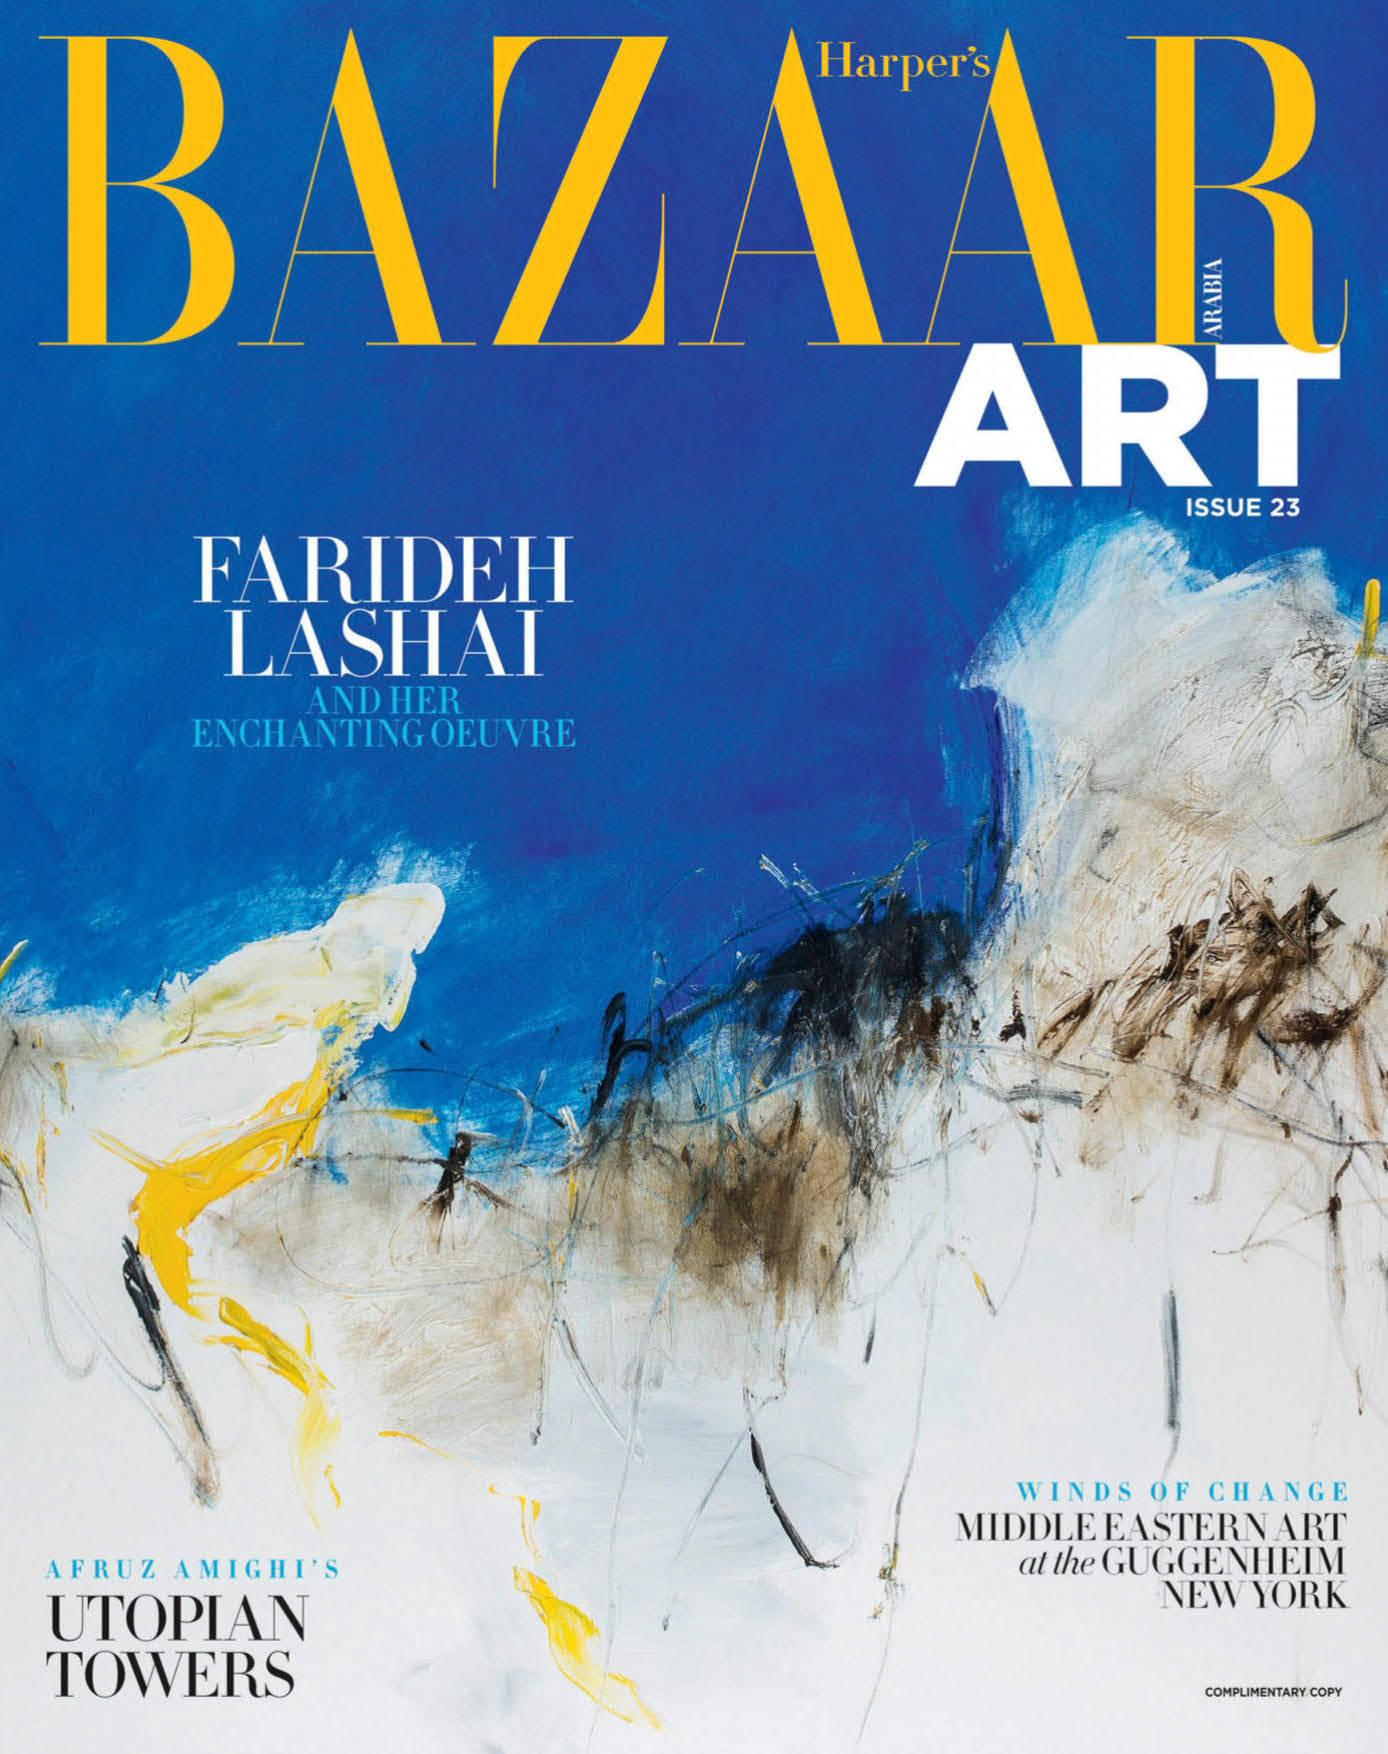 时尚芭莎Harper's Bazaar 杂志阿拉伯版-POP花型网